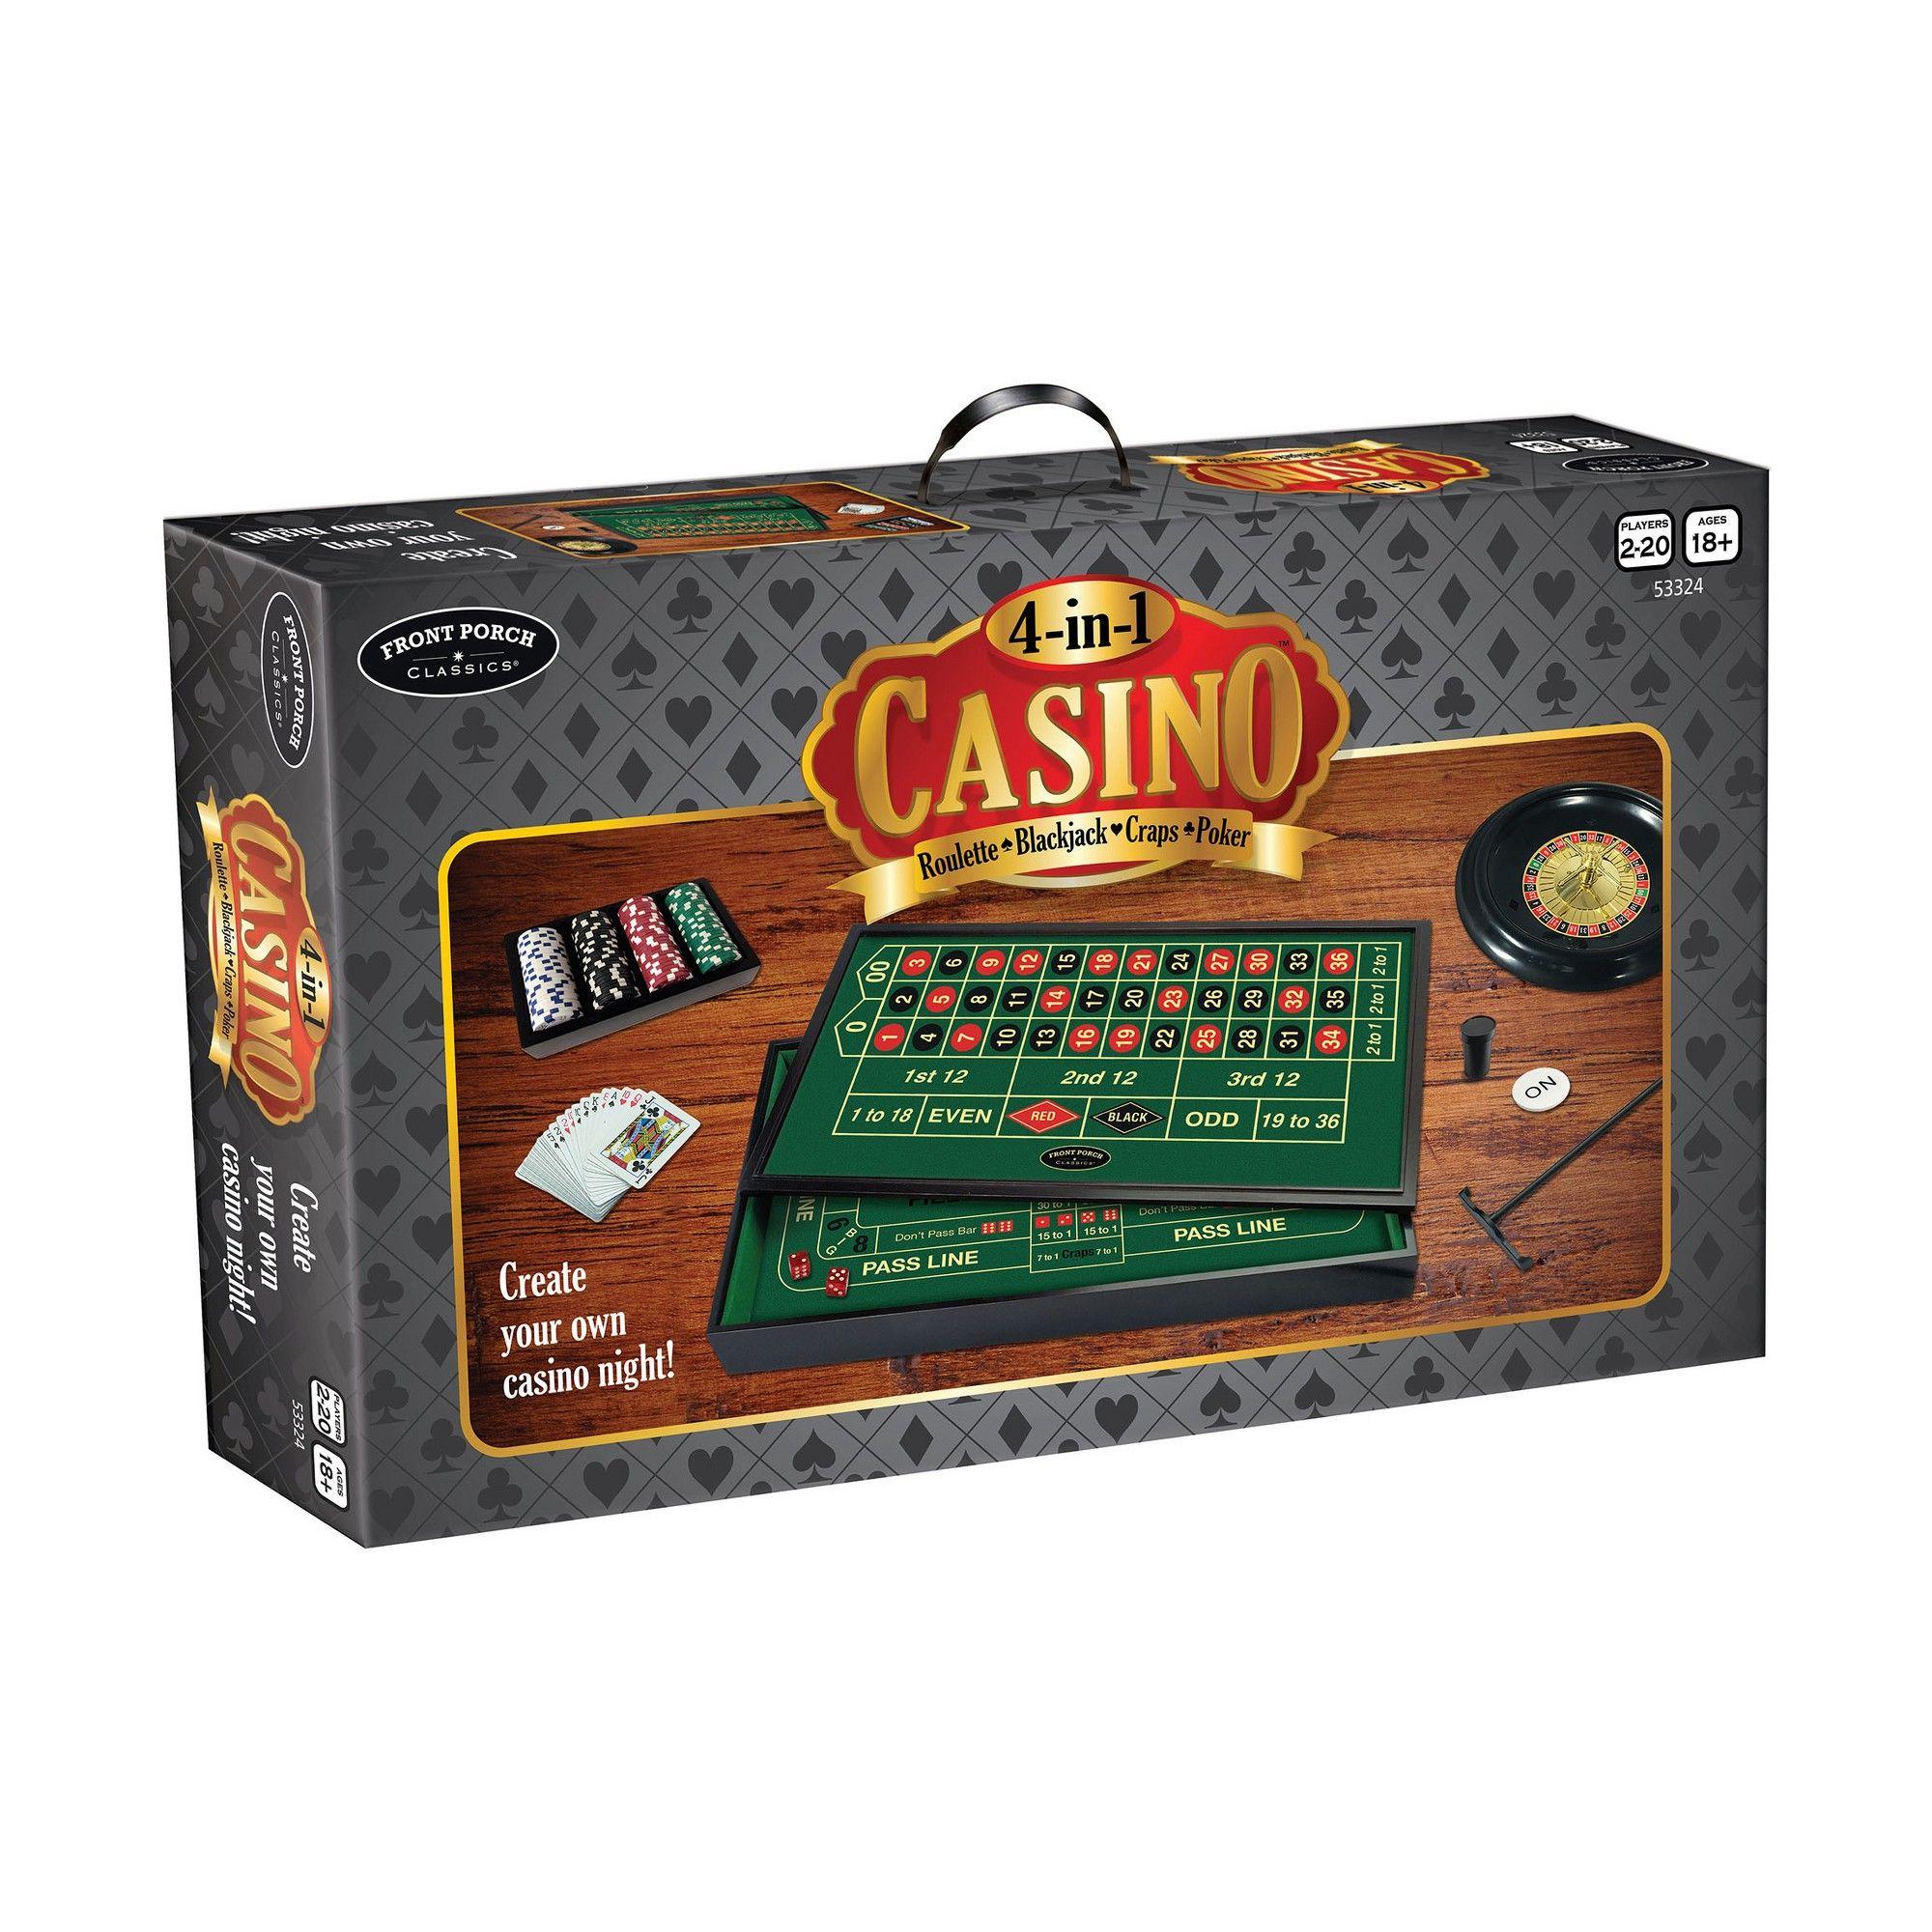 Front Porch Classics 4 in 1 Casino Roulette, Blackjack